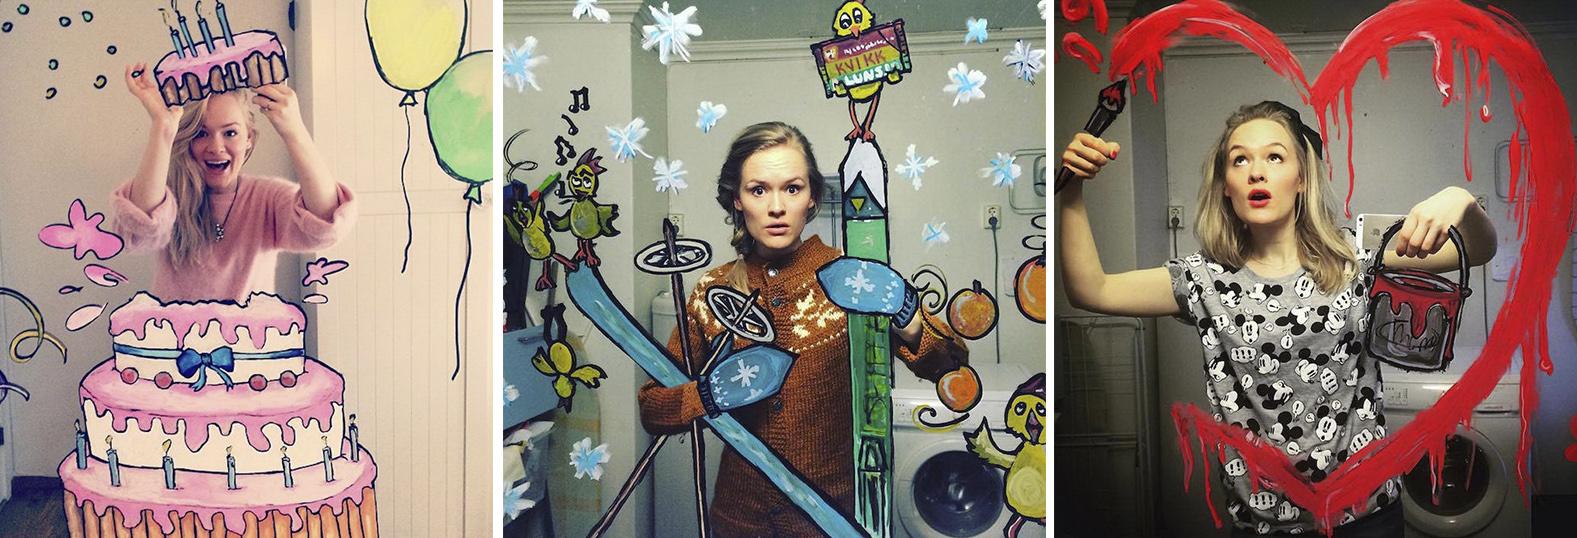 Хелен Мелдал (Helene Meldahl) с помощью специальных красок разрисовывает зеркало в своей ванной комнате, чтобы затем сфотографироваться в свежих декорациях.